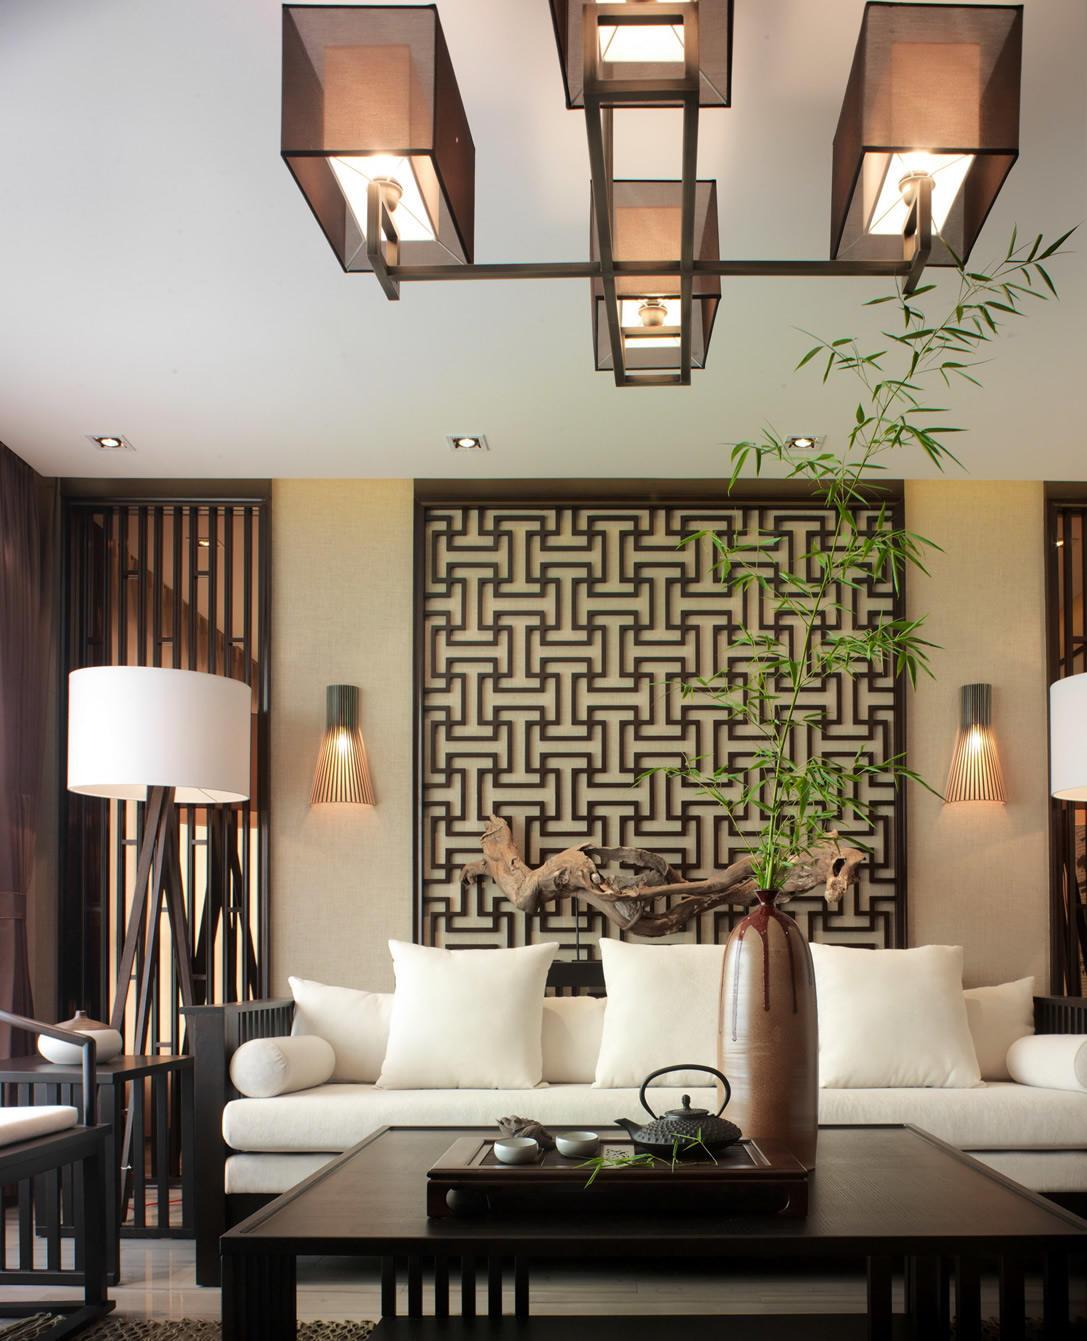 装修效果图 装修图册 典雅休闲中式风格三居室内设计装饰图